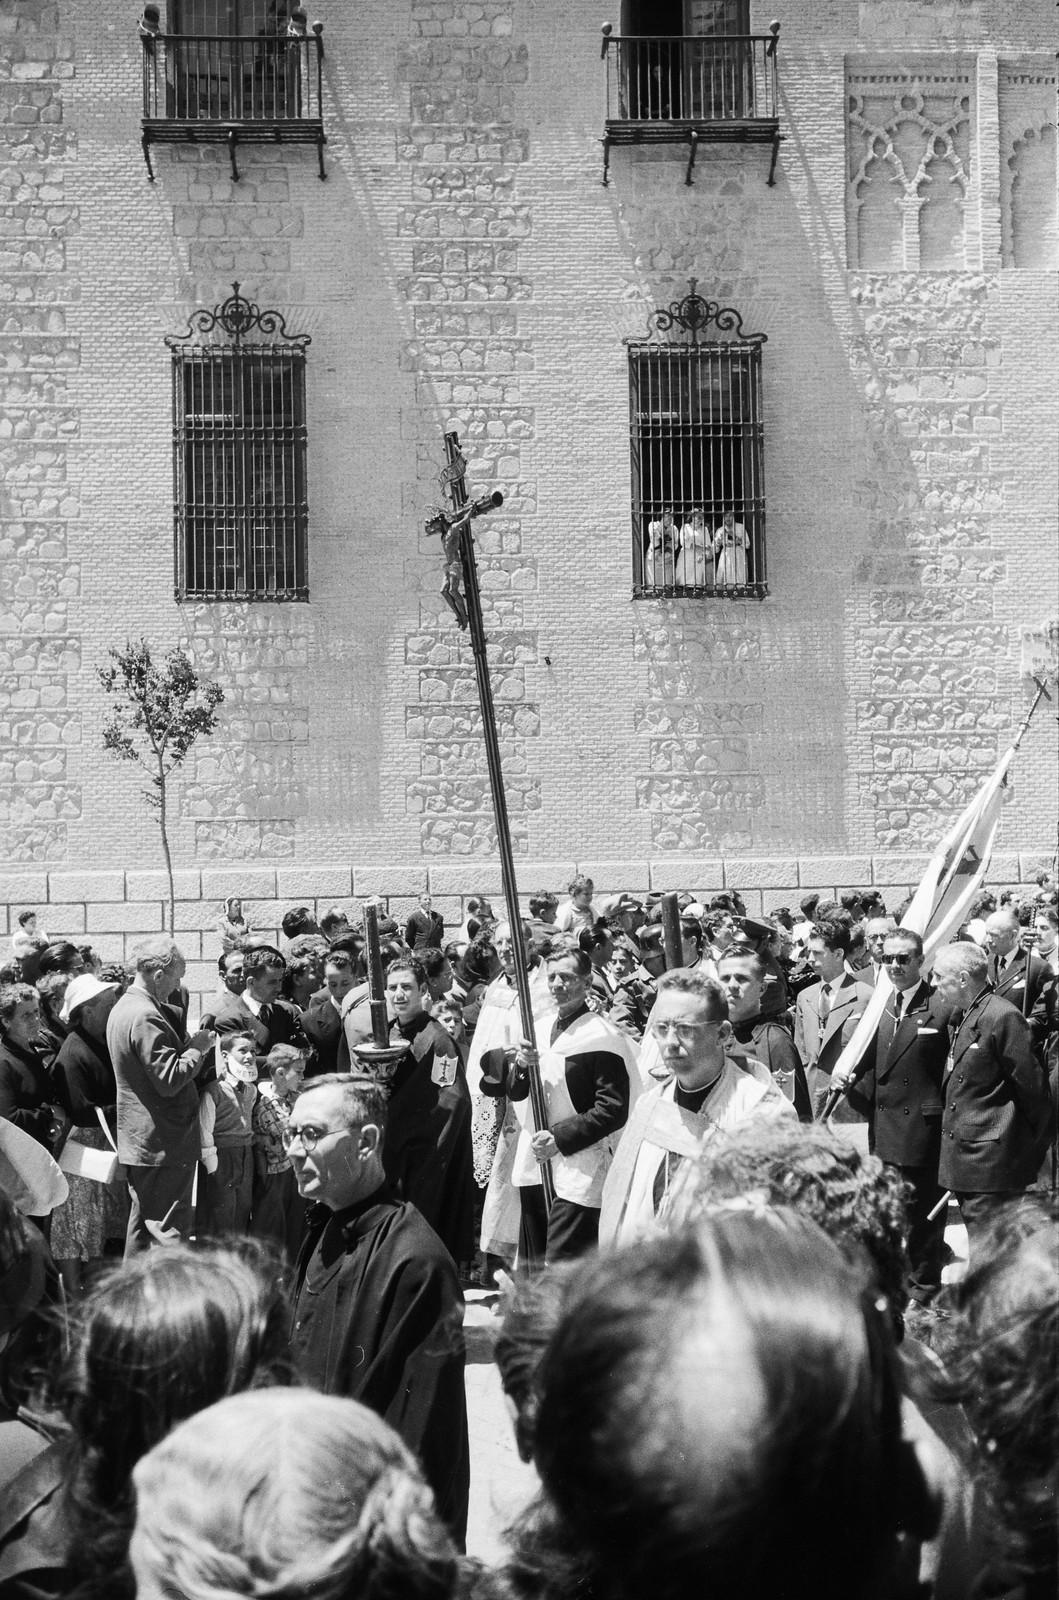 Procesión del Corpus Christi de Toledo en 1955 © ETH-Bibliothek Zurich